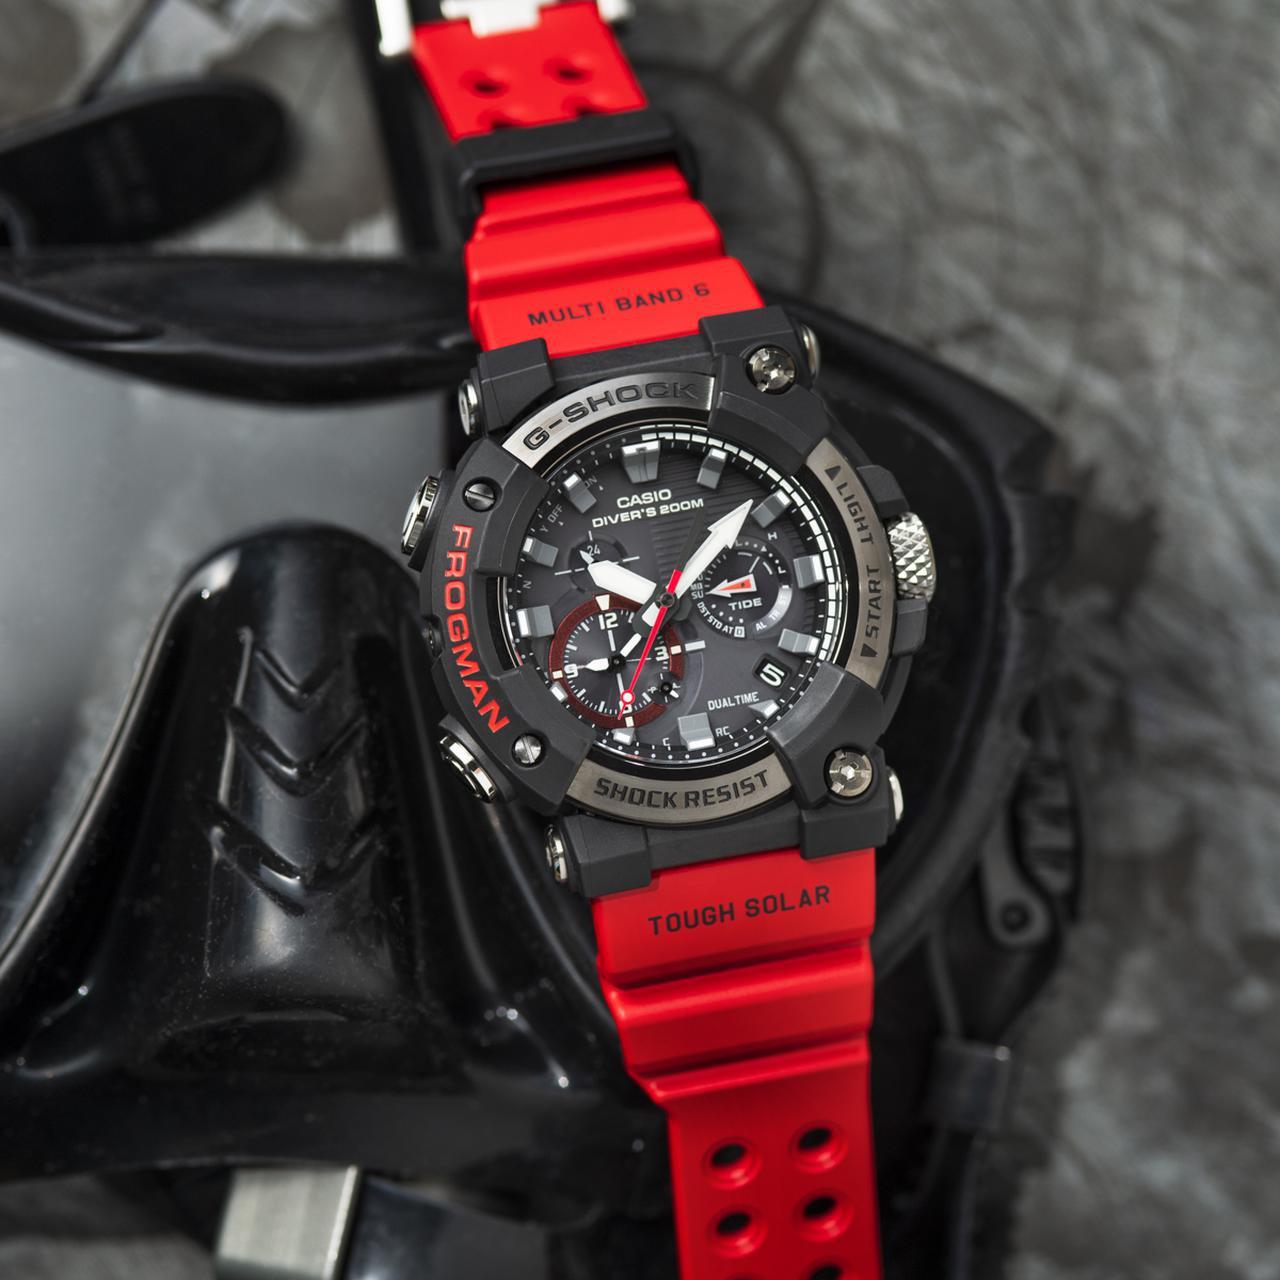 画像6: G-SHOCKのダイバーズウオッチ「フロッグマン」からバイク乗りにも人気の〈アナログ〉モデルが初めて登場! メンテ不要のタフネス電波ソーラー腕時計